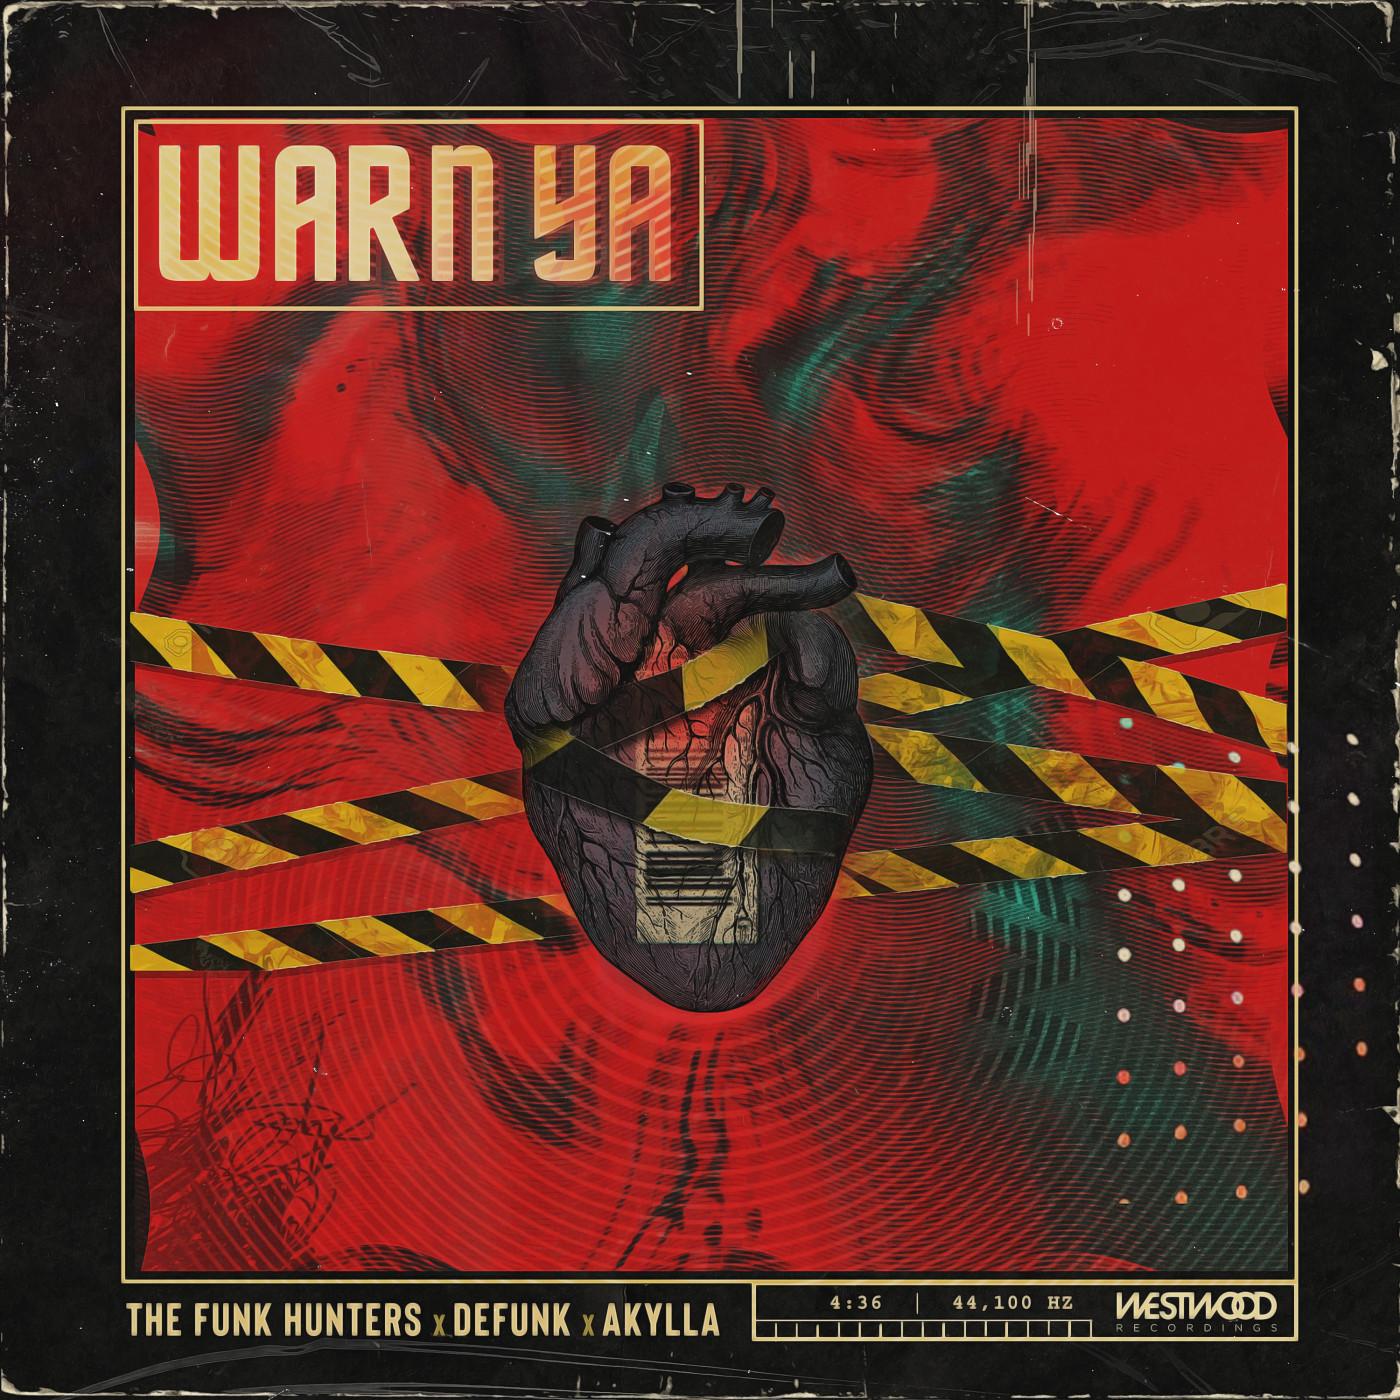 Warn Ya Image